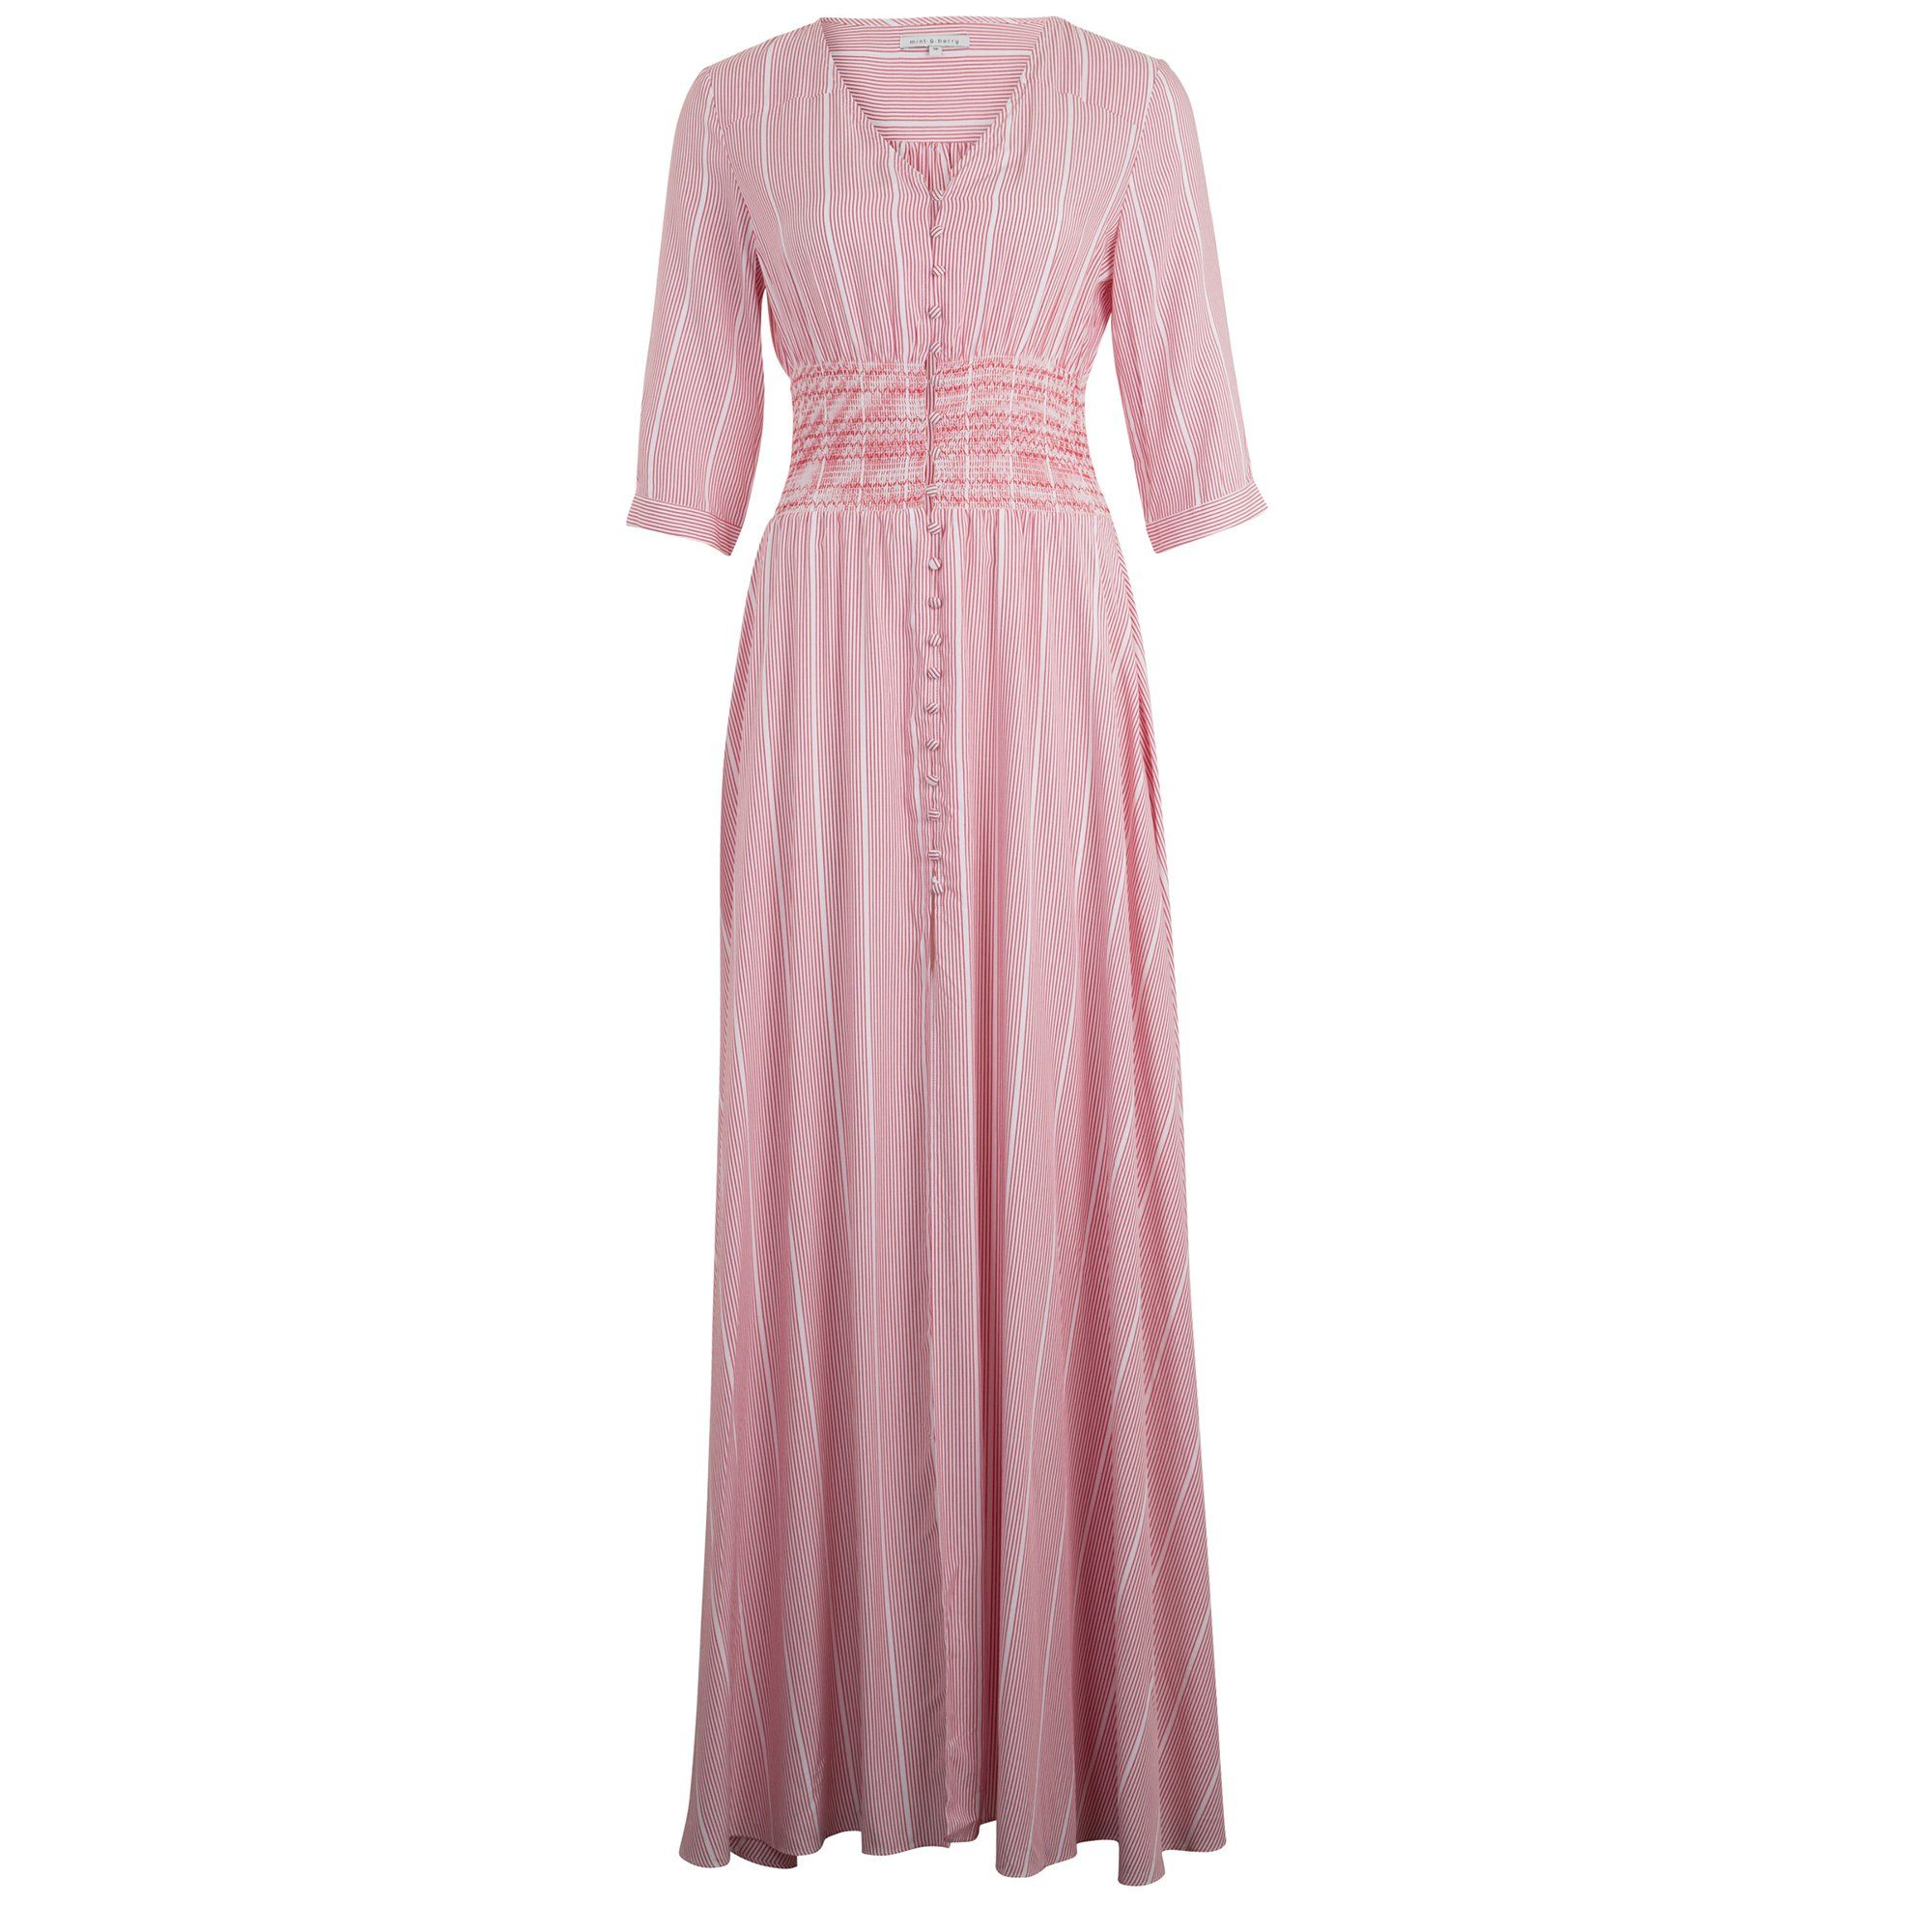 Robes Longues Printemps Ete Une Robe Mint Berry Sur Zalando Robe Longue Idees De Mode Robe Maxi